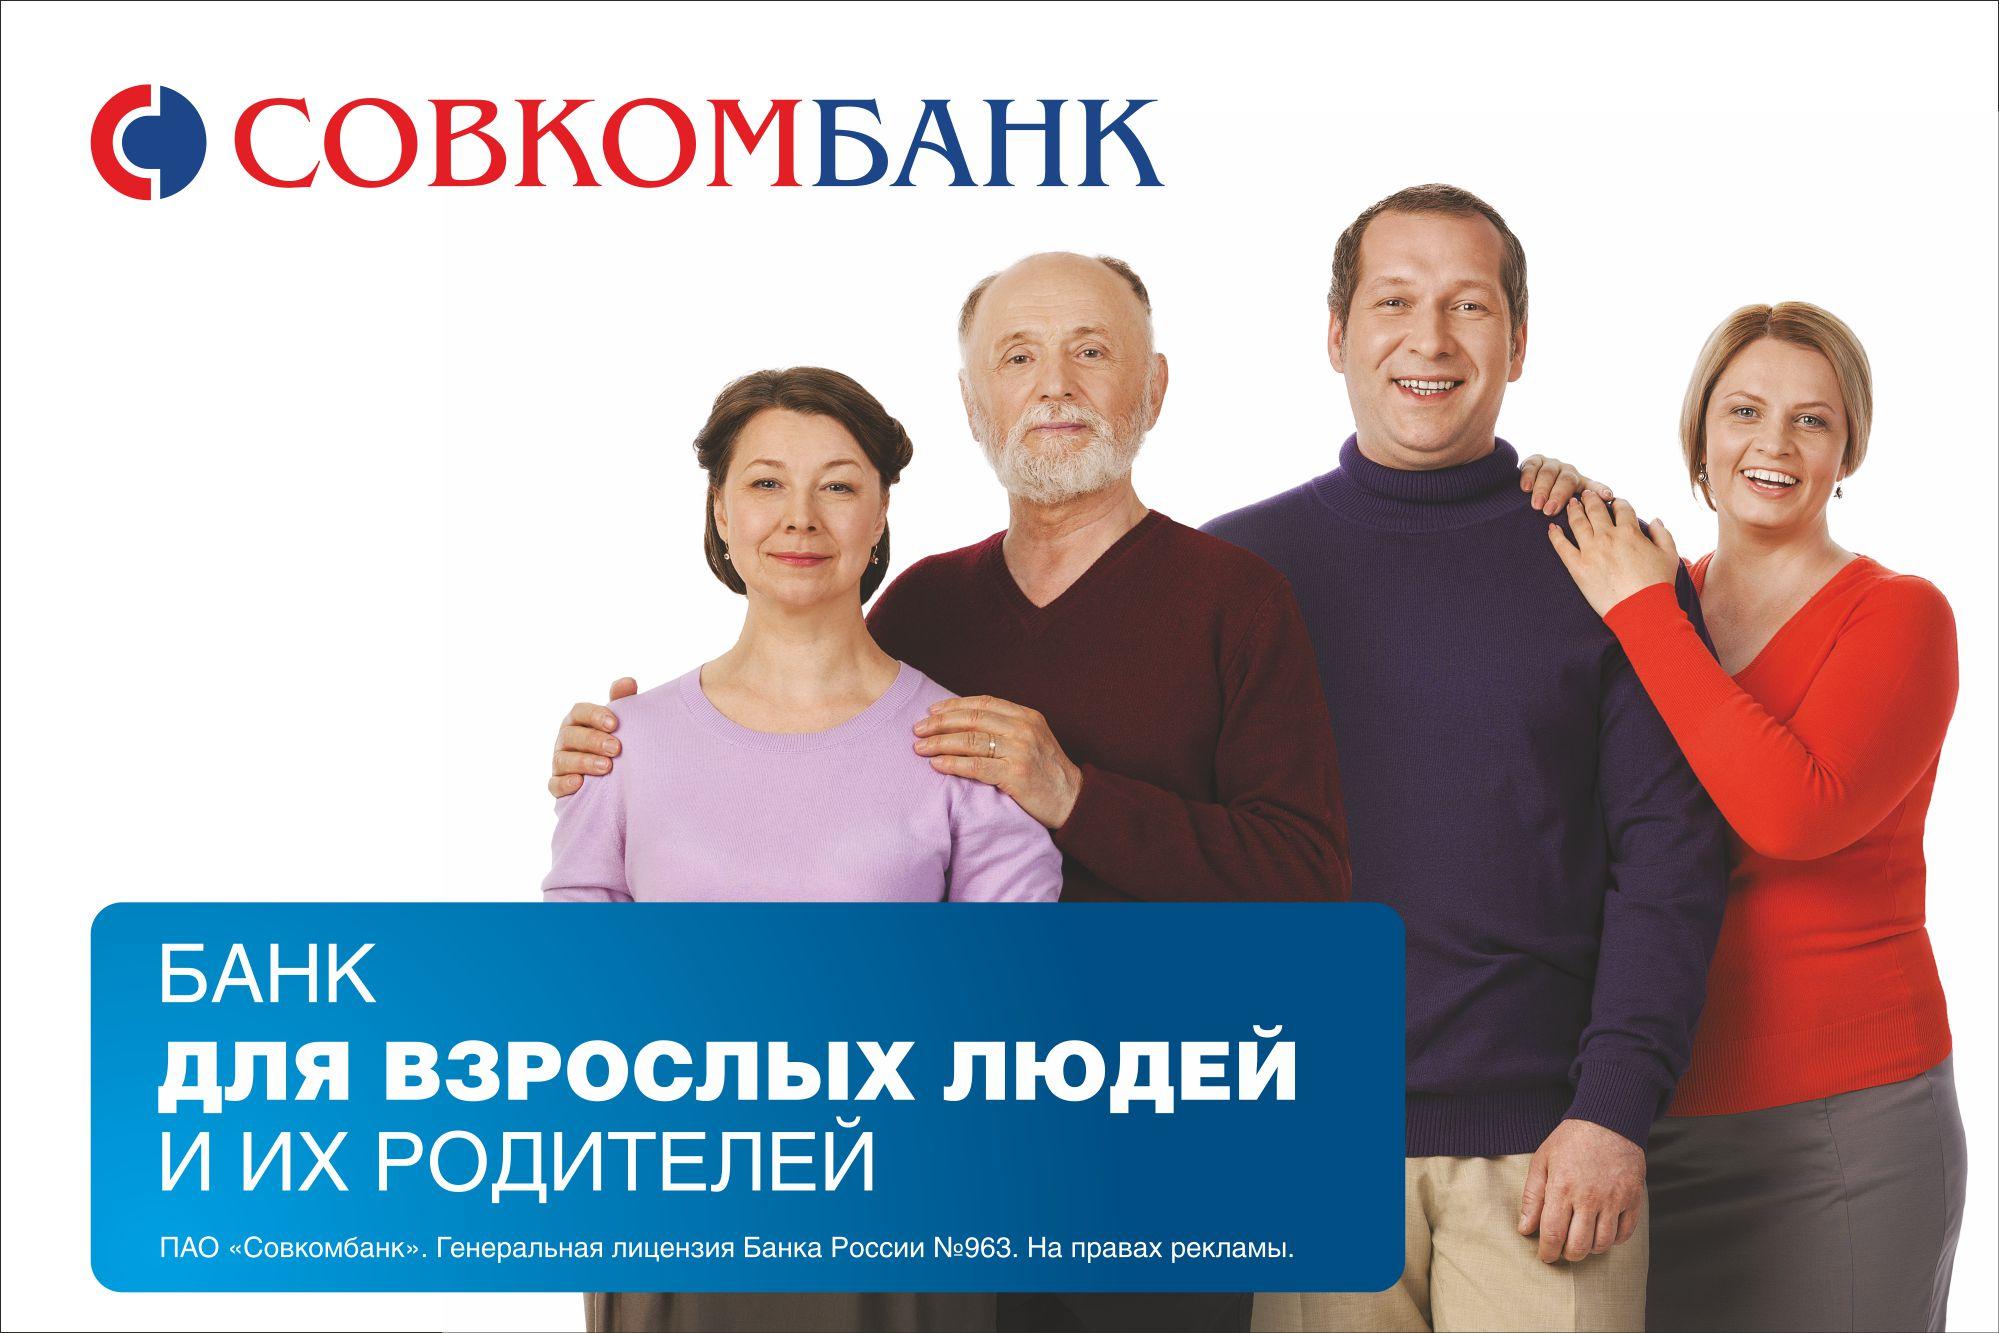 традиционные совкомбанк умловия кредитования для пенсионеров Липецк